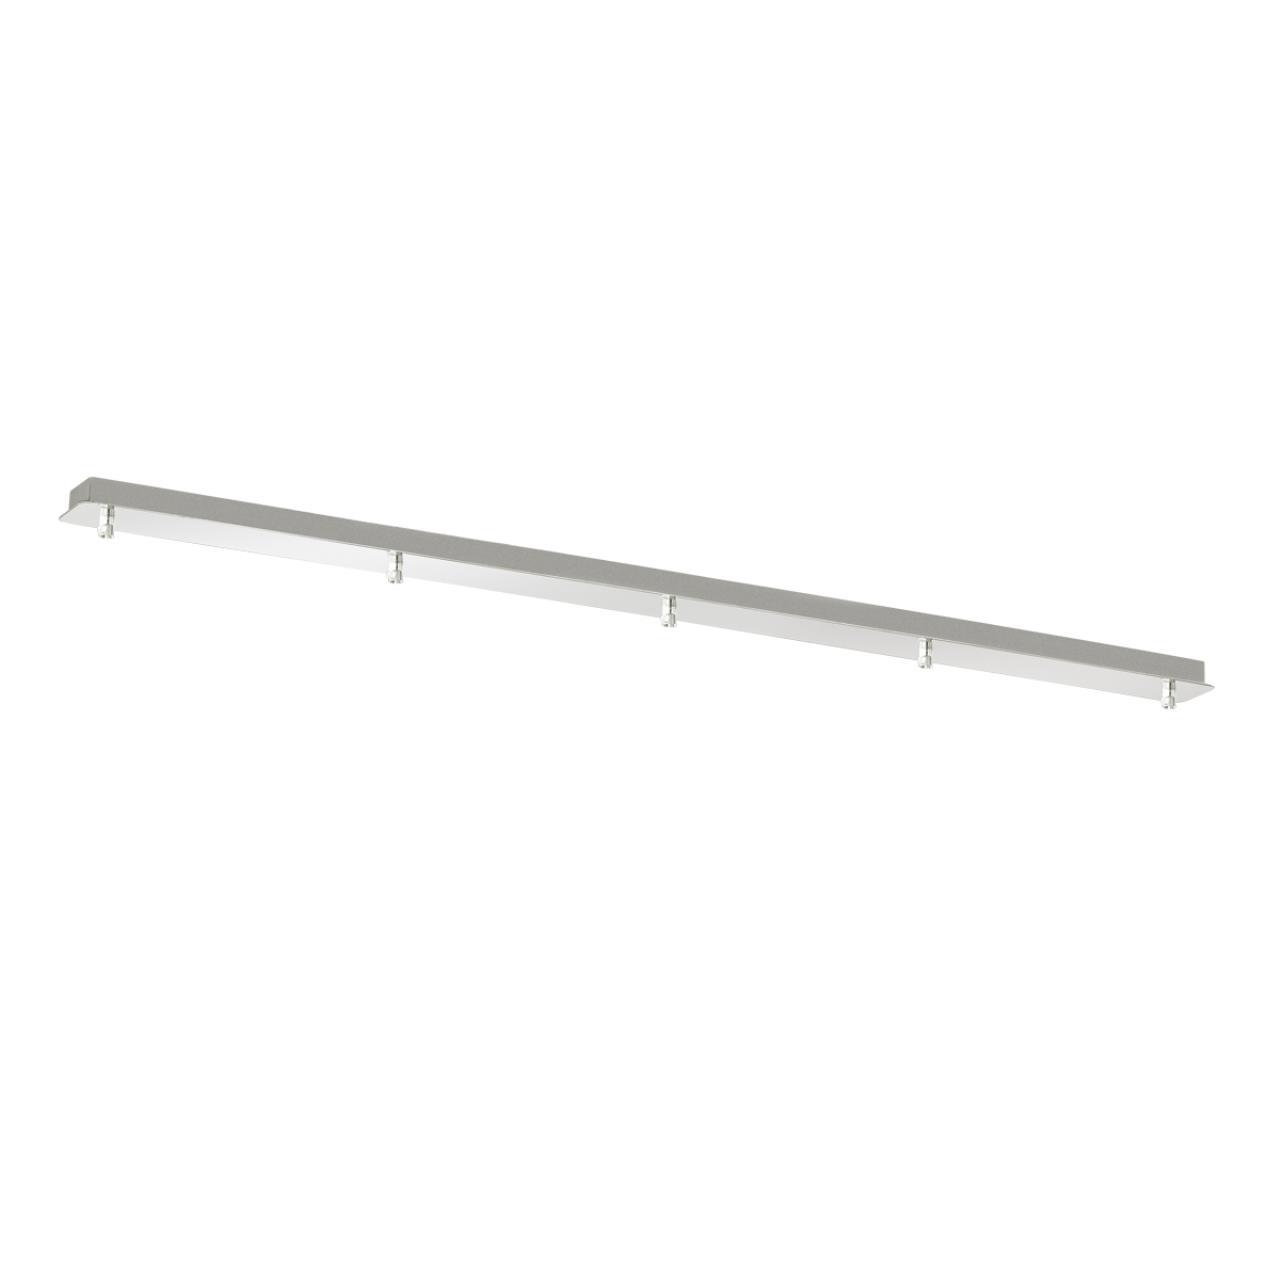 Основание для светильника Lumion 4505/5 Suspentioni